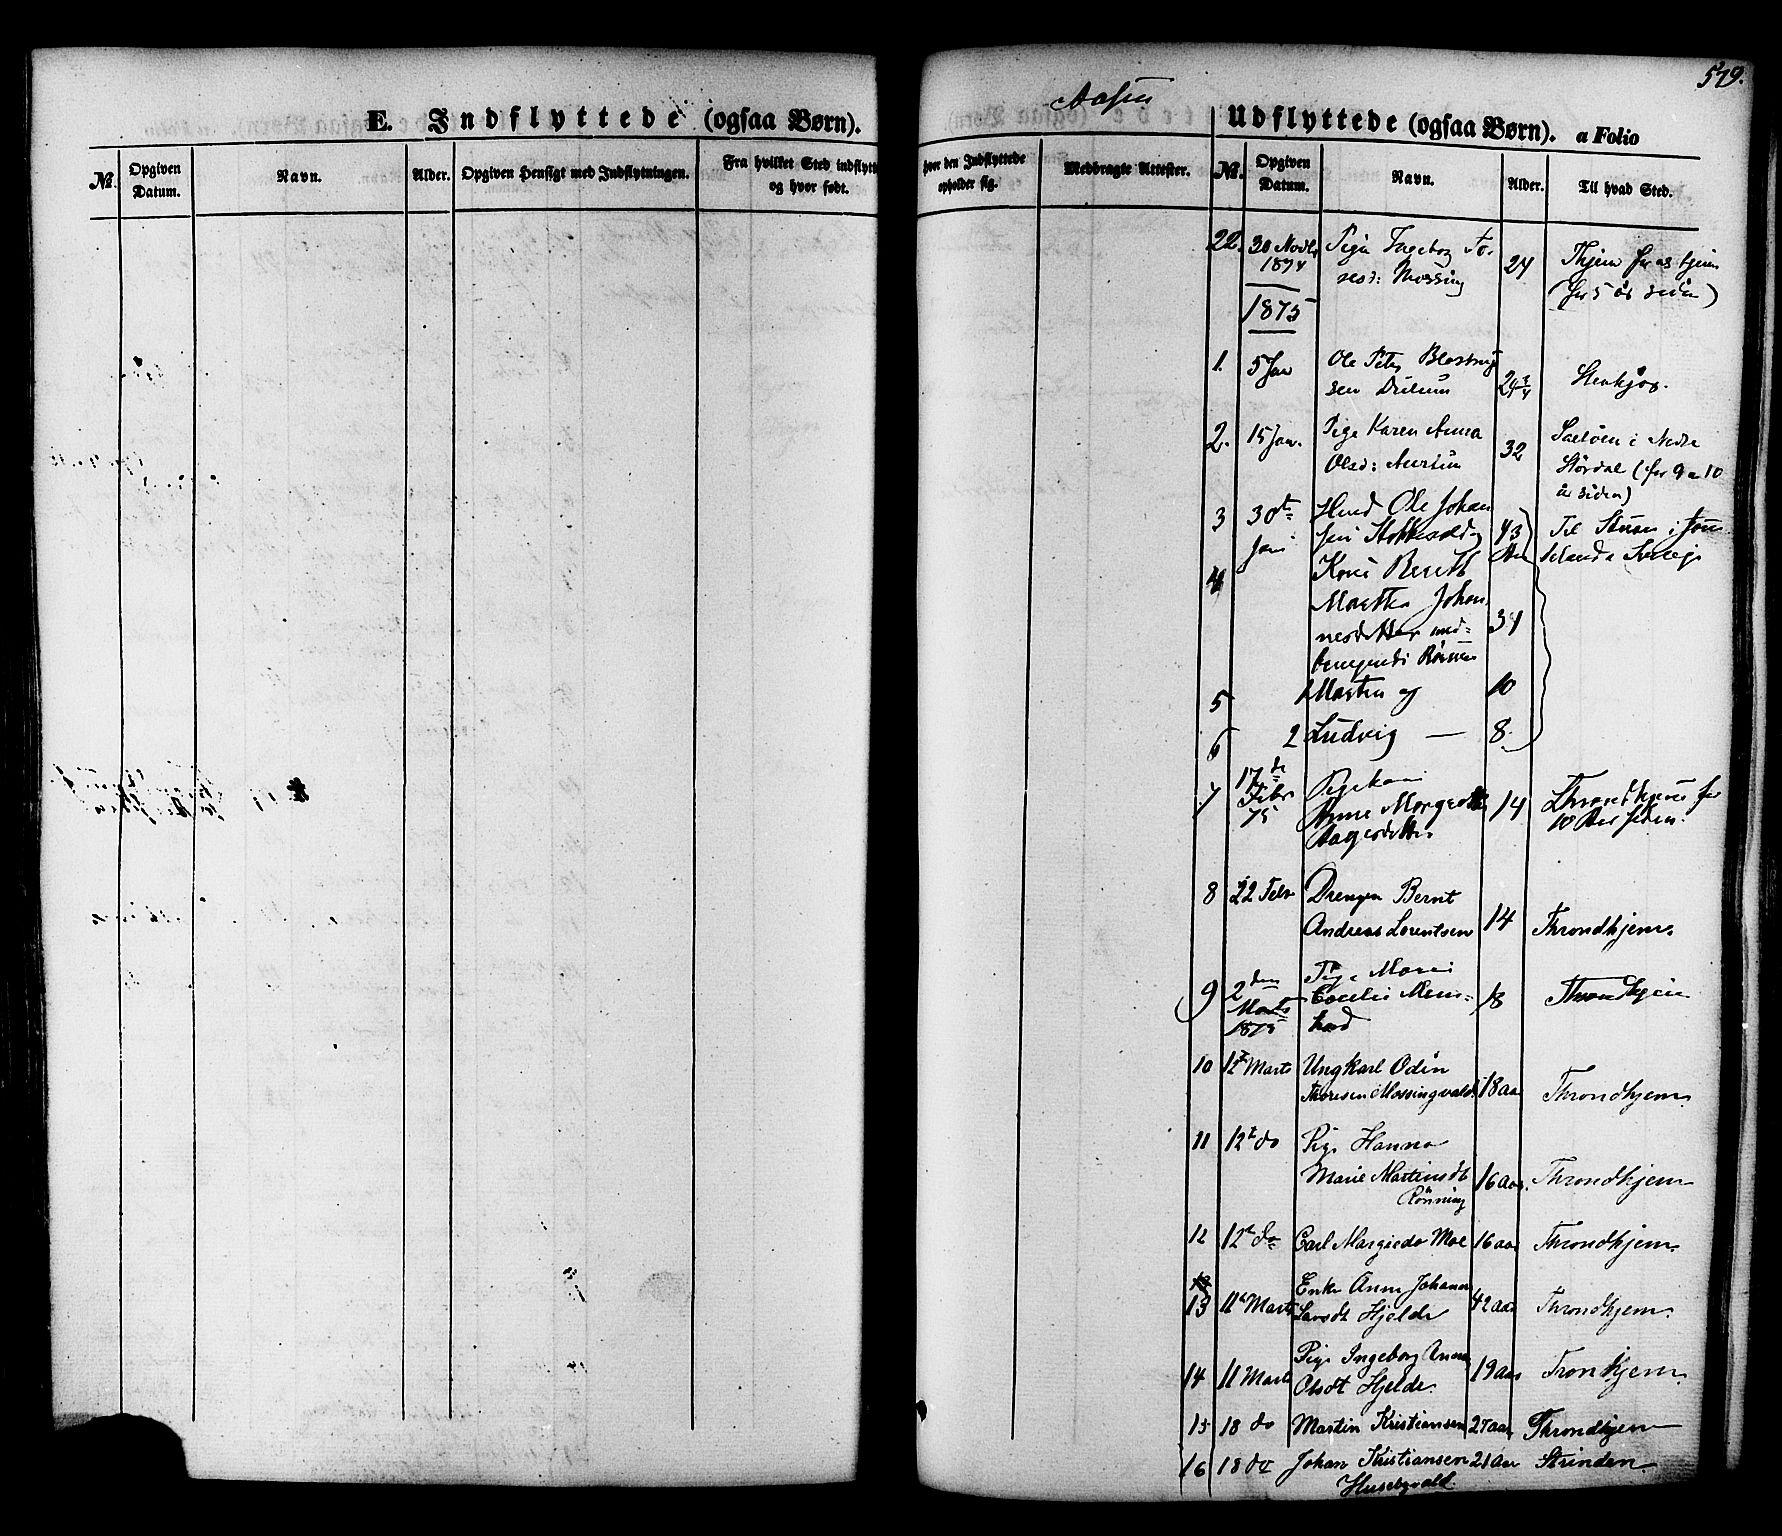 SAT, Ministerialprotokoller, klokkerbøker og fødselsregistre - Nord-Trøndelag, 713/L0116: Ministerialbok nr. 713A07 /2, 1850-1877, s. 579